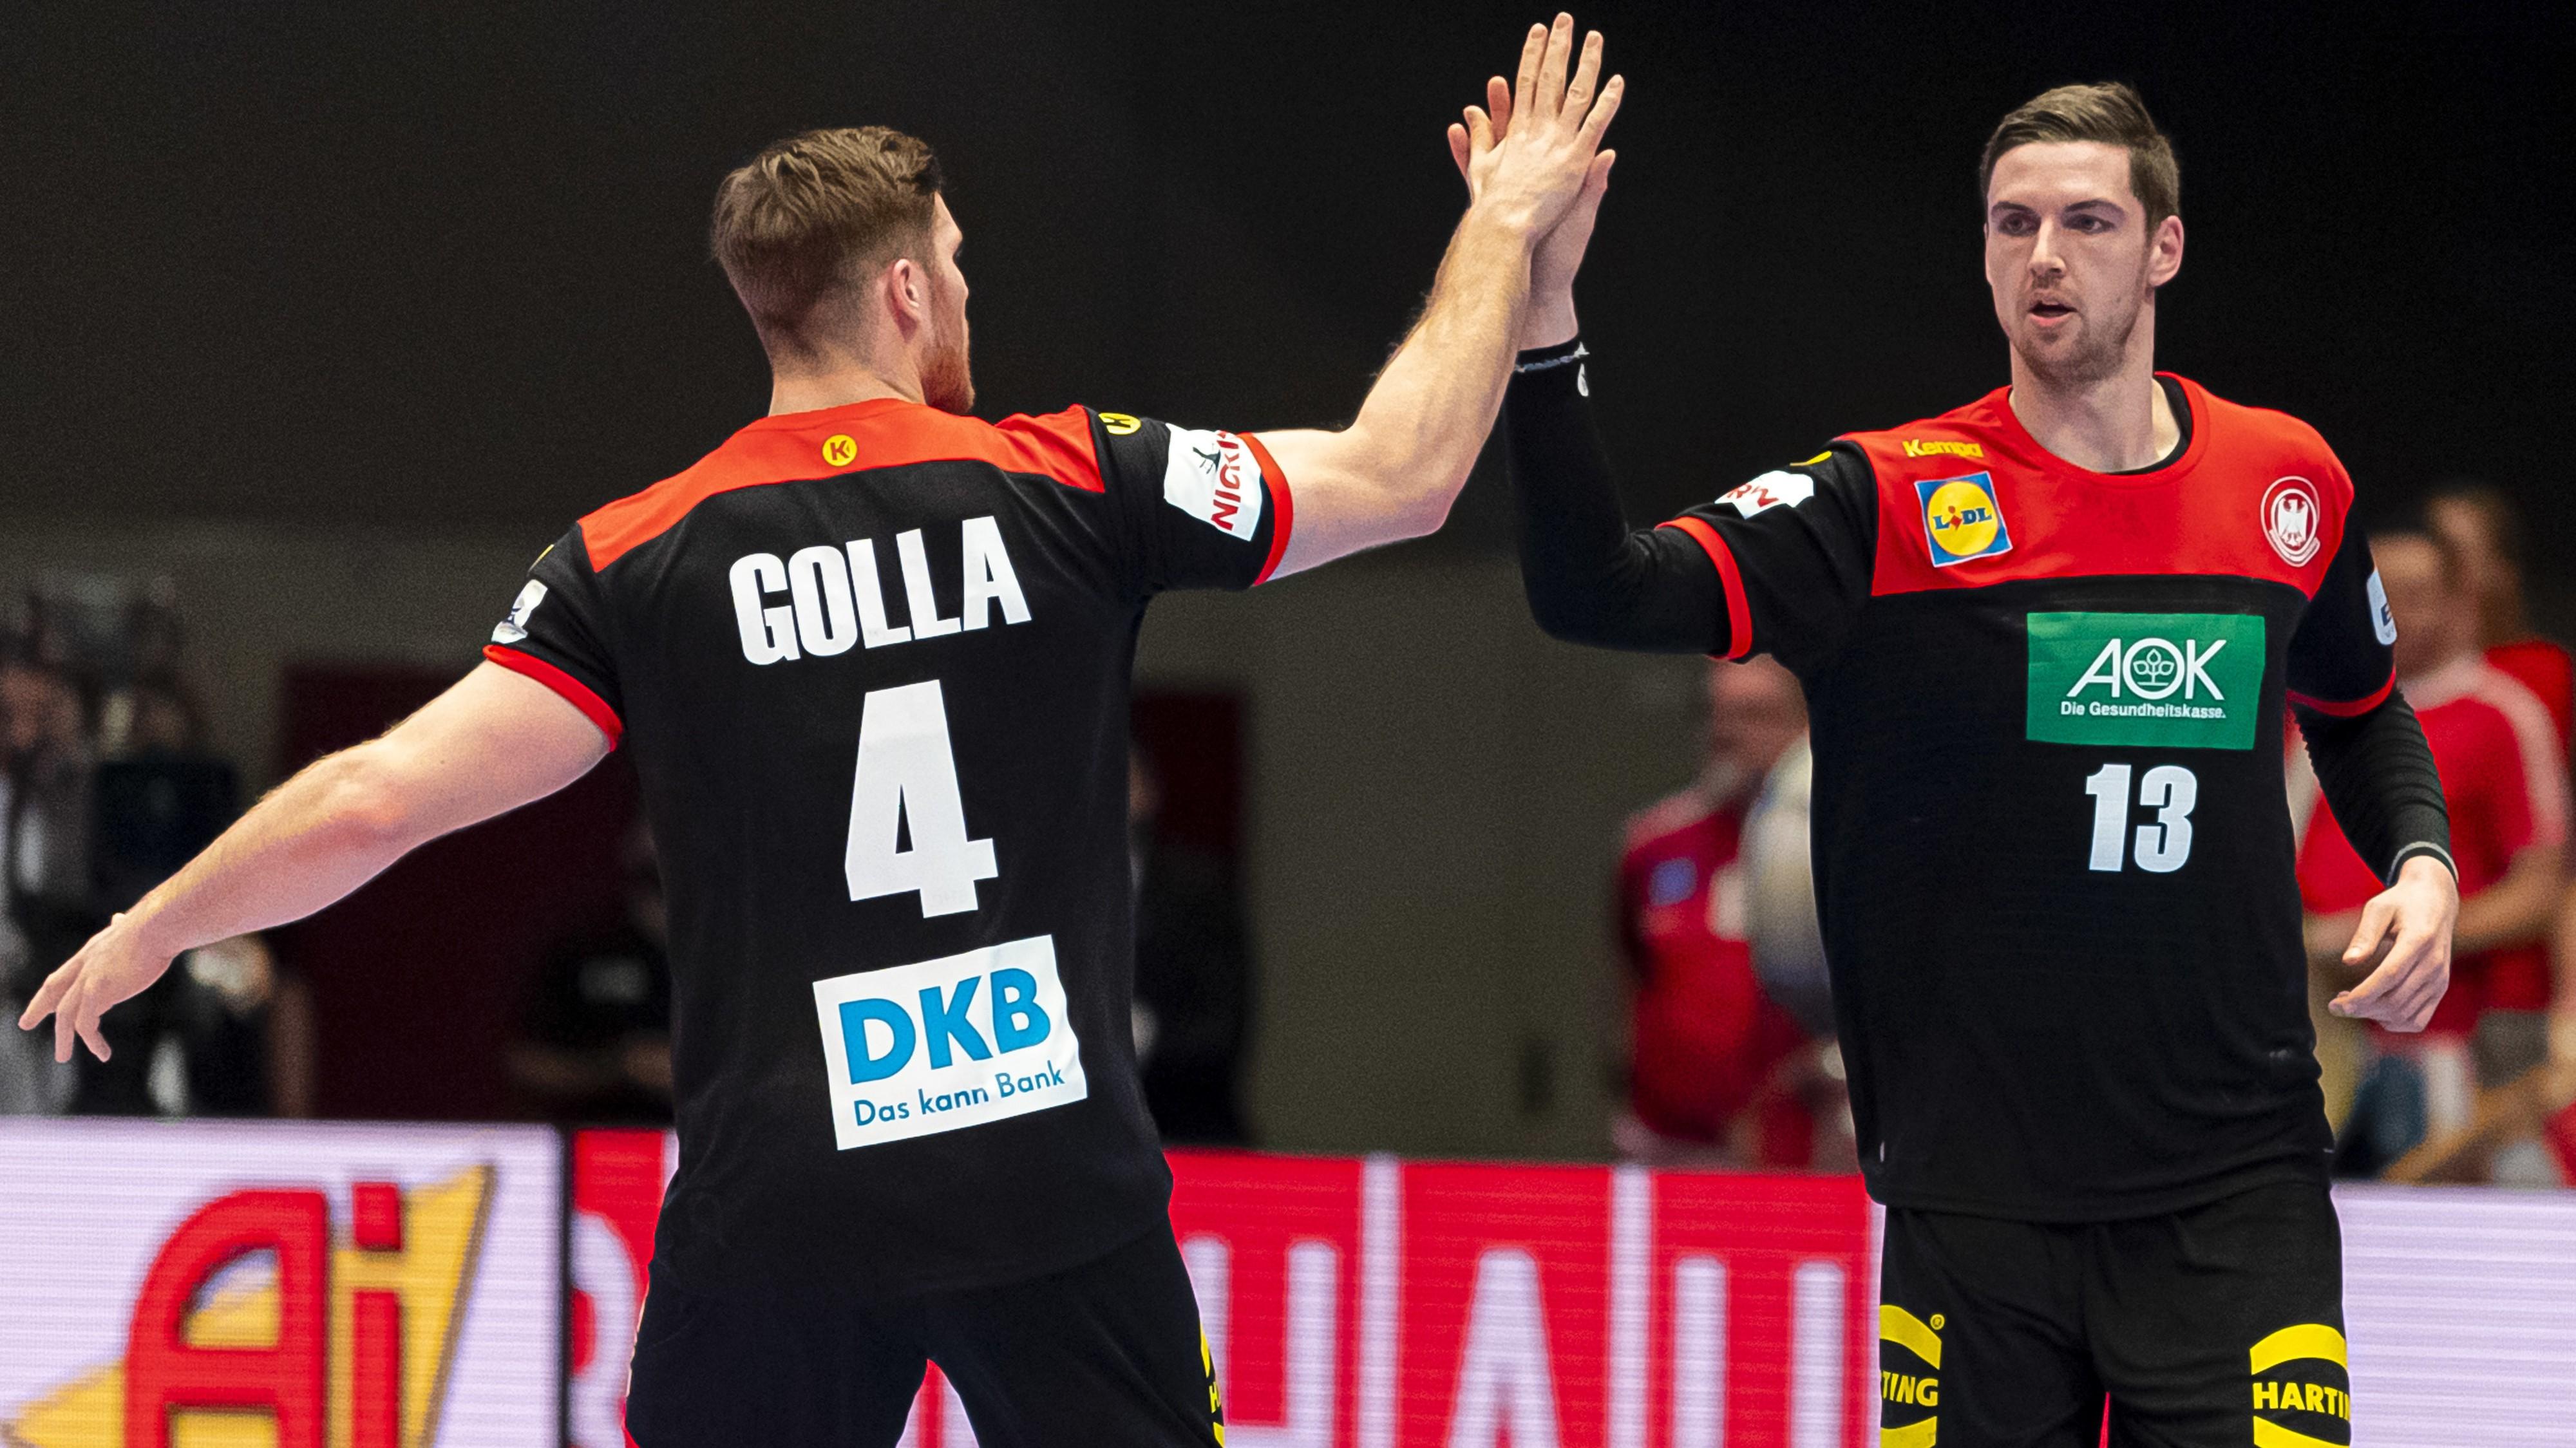 Handball: Spanien erneut Europameister – deutscher Spieler im All-Star-Team